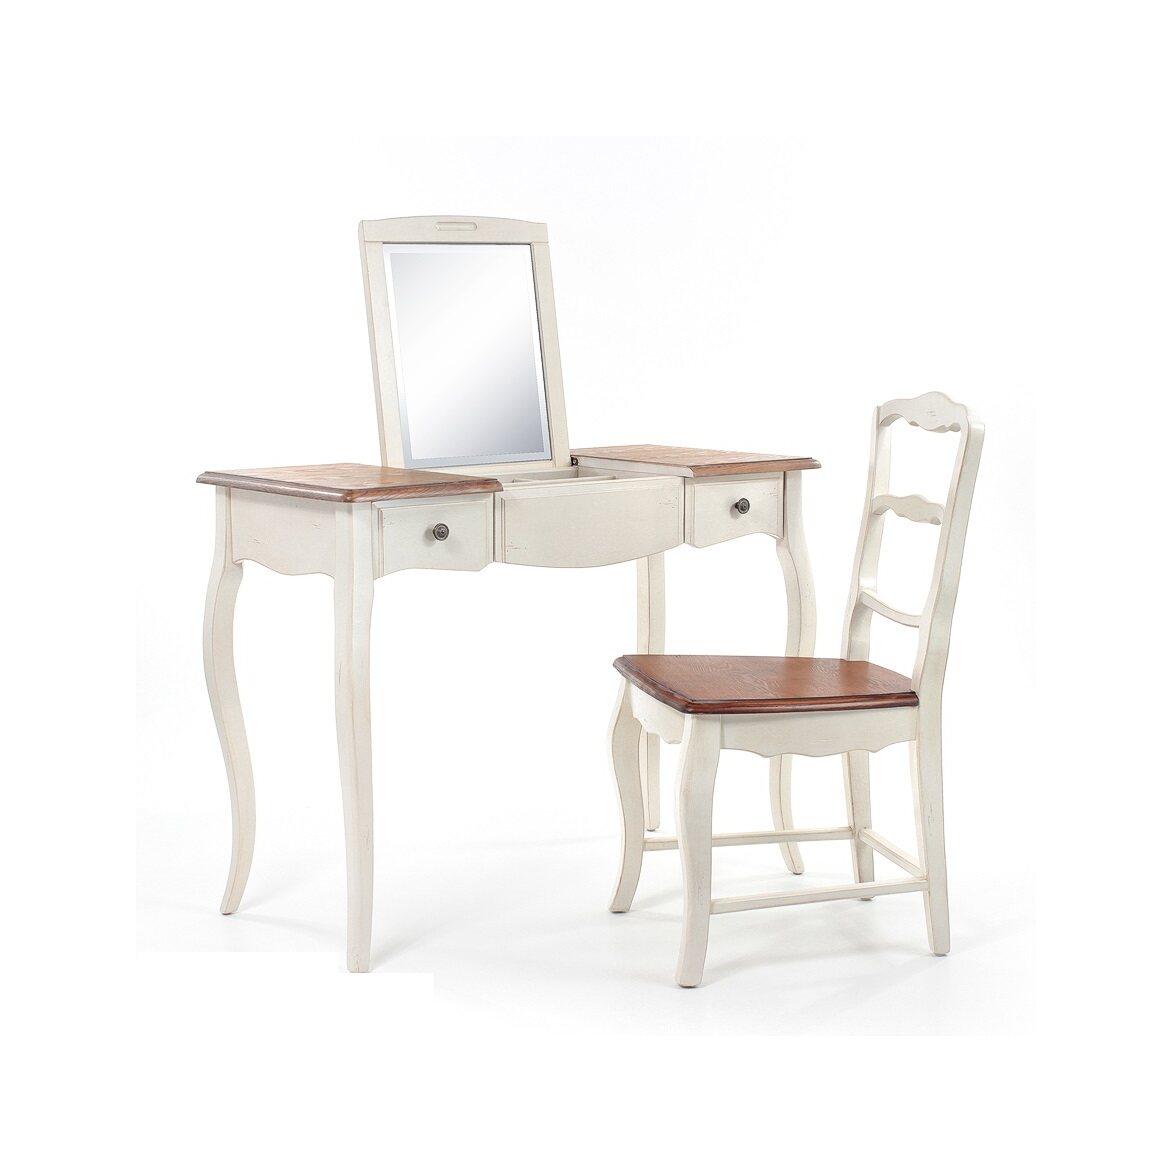 Туалетный столик с зеркалом Leontina, бежевого цвета 5   Туалетные столики Kingsby